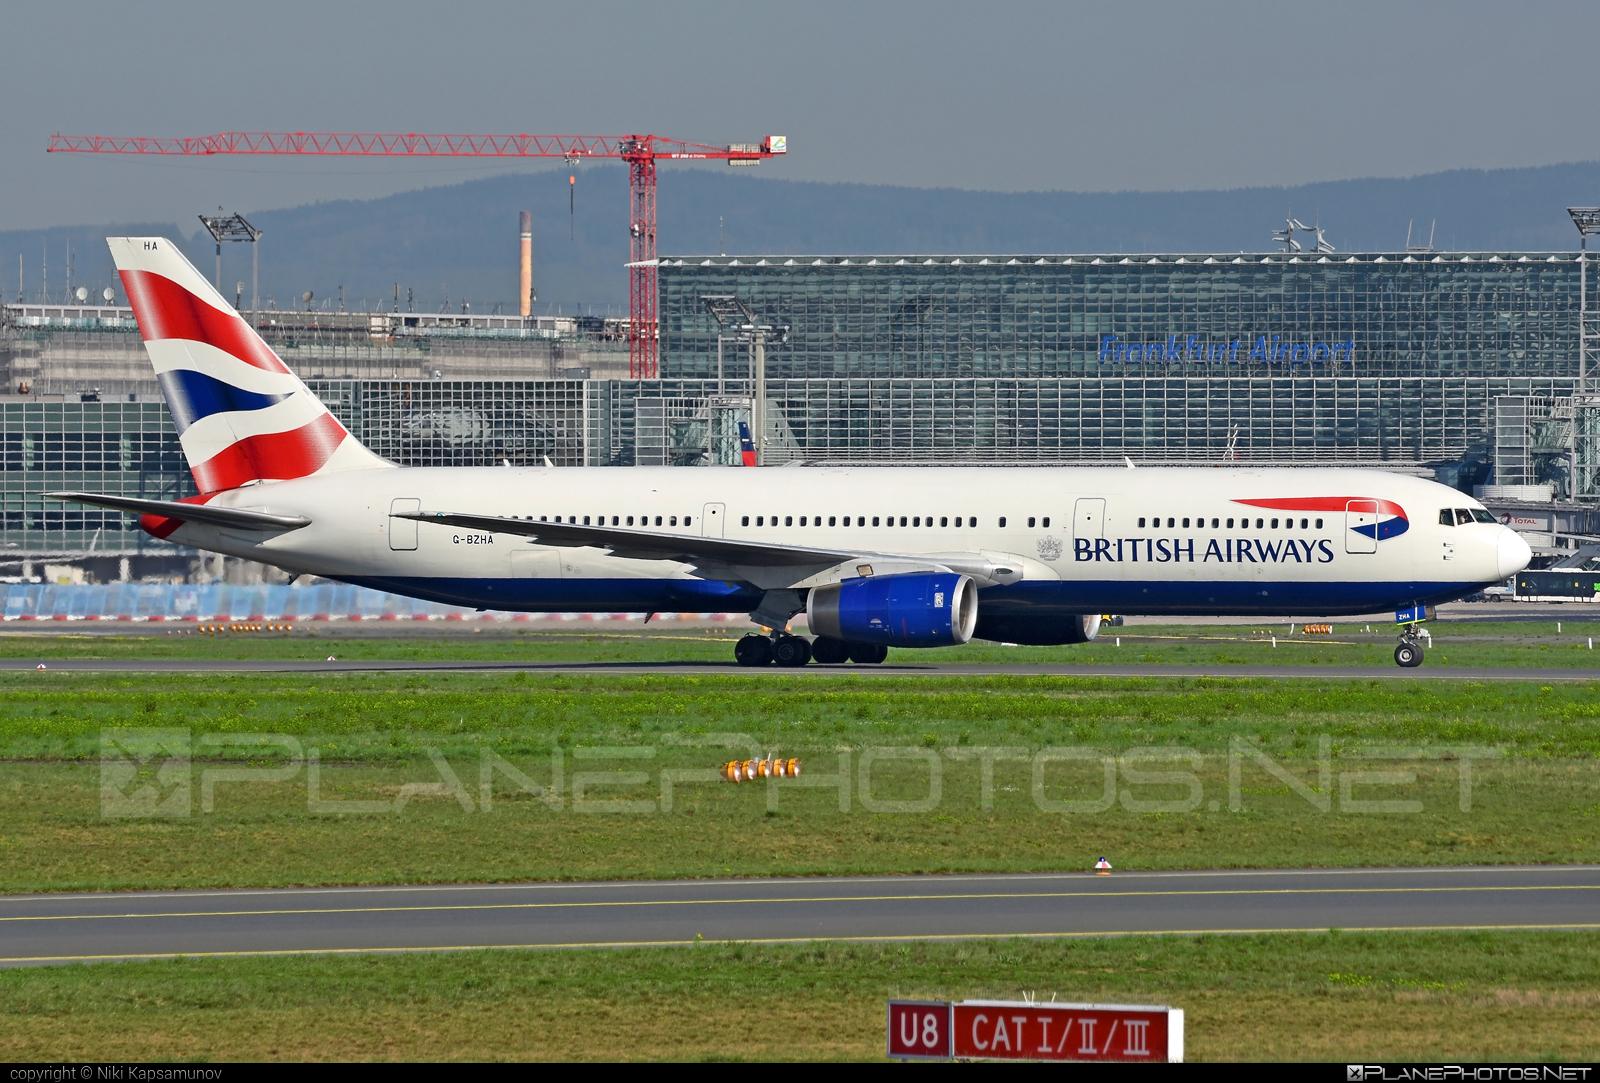 Boeing 767-300ER - G-BZHA operated by British Airways #b767 #b767er #boeing #boeing767 #britishairways